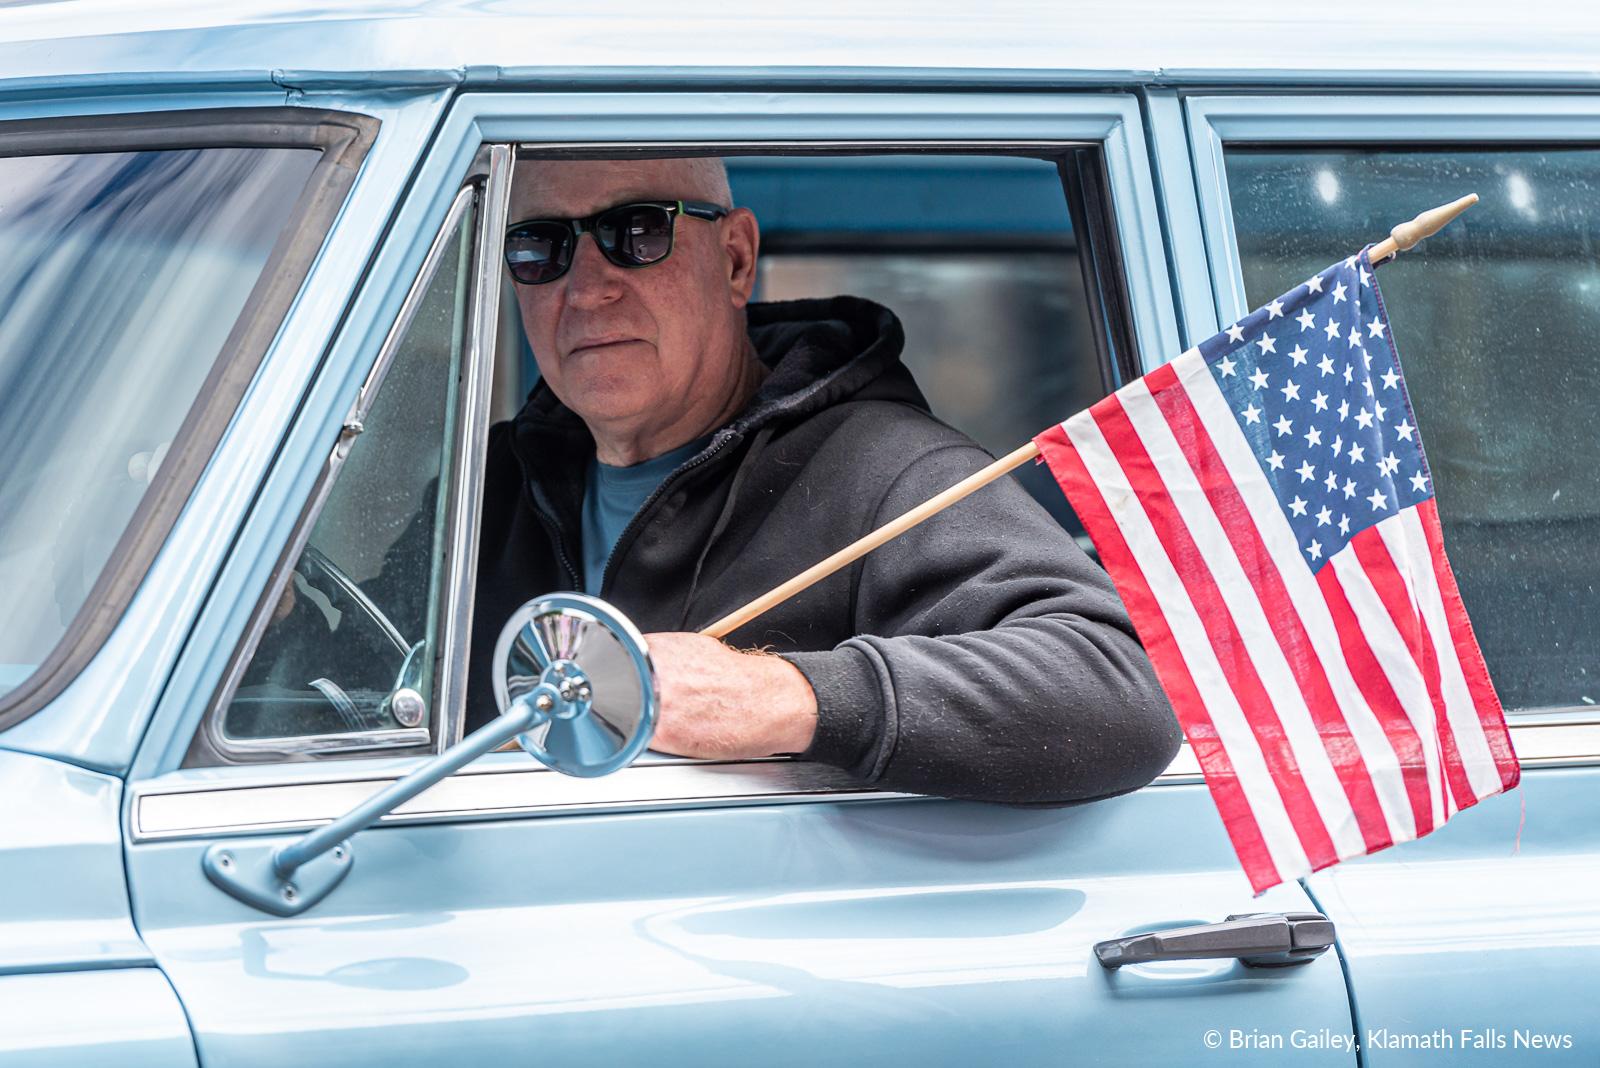 Memorial Day Parade 2019.  May 27, 2019 (Image: Brian Gailey / Klamath Falls News)